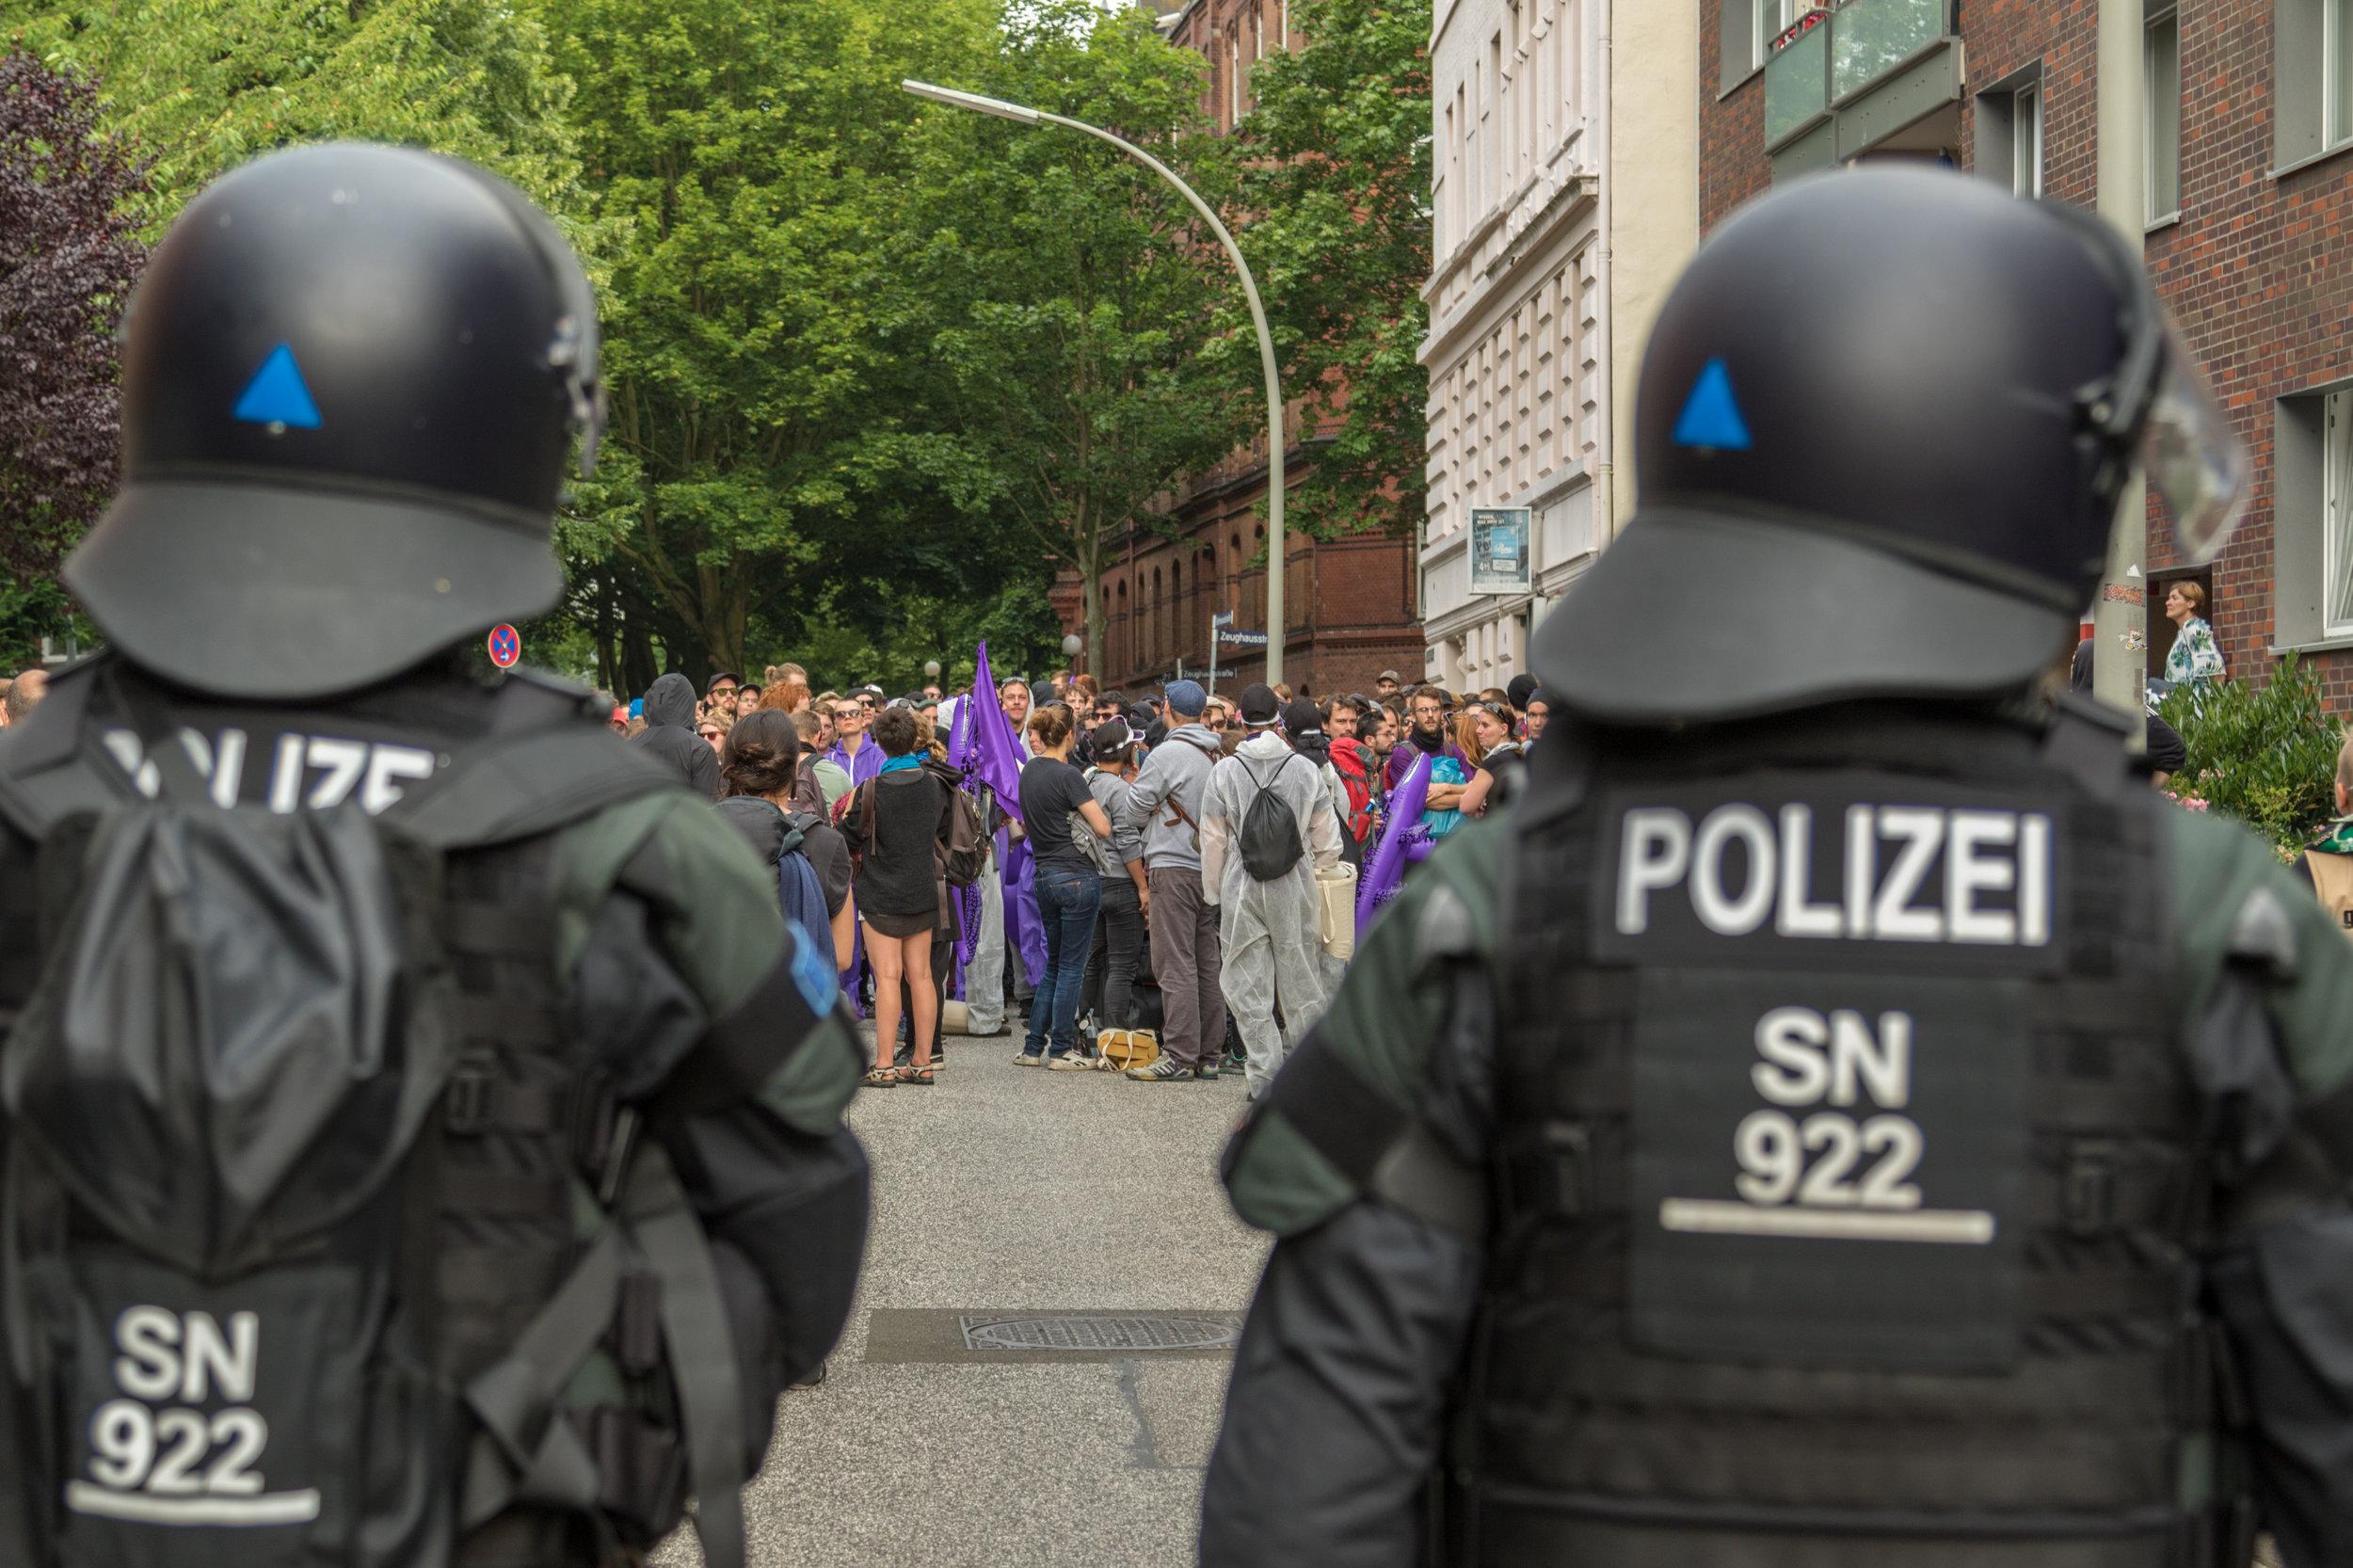 behelmte Polizisten vor Demonstration.jpg